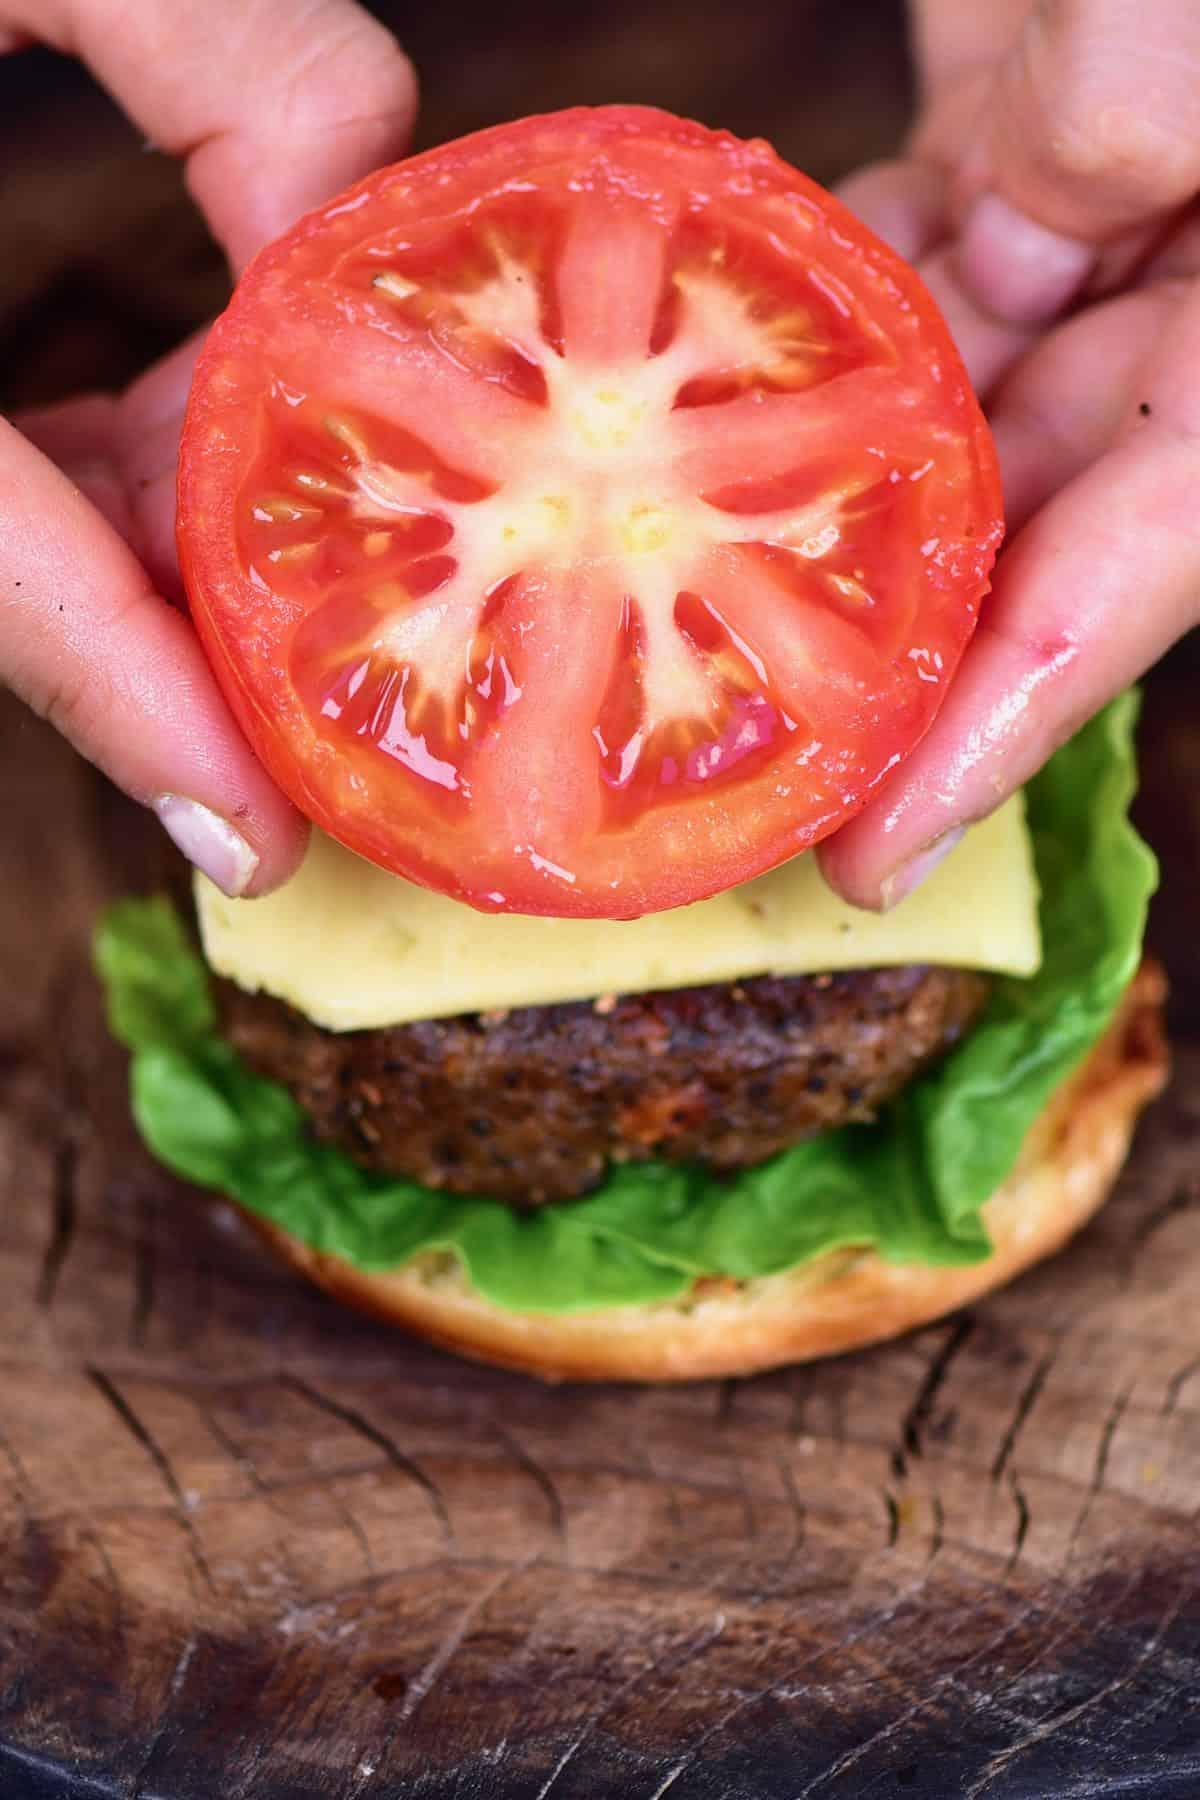 Adding a tomato slice over a burger